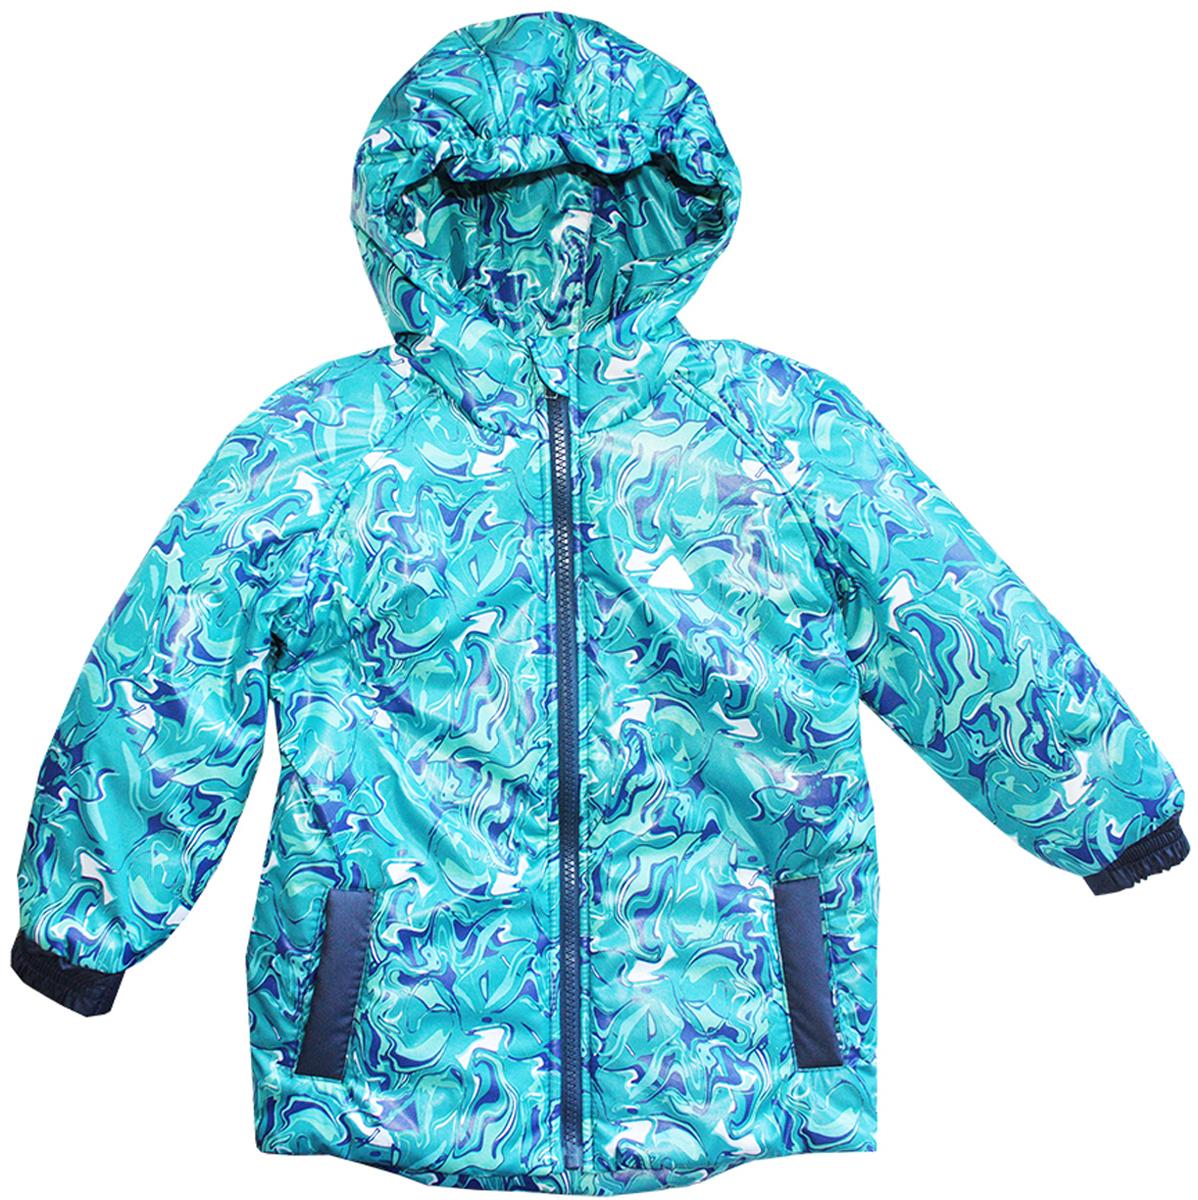 Куртка для мальчика КотМарКот, цвет: бирюзовый, синий, аквамариновый. 25002. Размер 92/98, 2-3 года25002Куртка для мальчика КотМарКот c длинными рукавами и несъемным капюшоном выполнена из прочного полиэстера. Наполнитель - синтепон. Подкладка изготовлена из натурального хлопка. Модель застегивается на застежку-молнию спереди. Изделие имеет два втачных кармана спереди. Рукава оснащены эластичными манжетами. Куртка оформлена оригинальным абстрактным принтом и дополнена светоотражающими элементами спереди и на спинке.